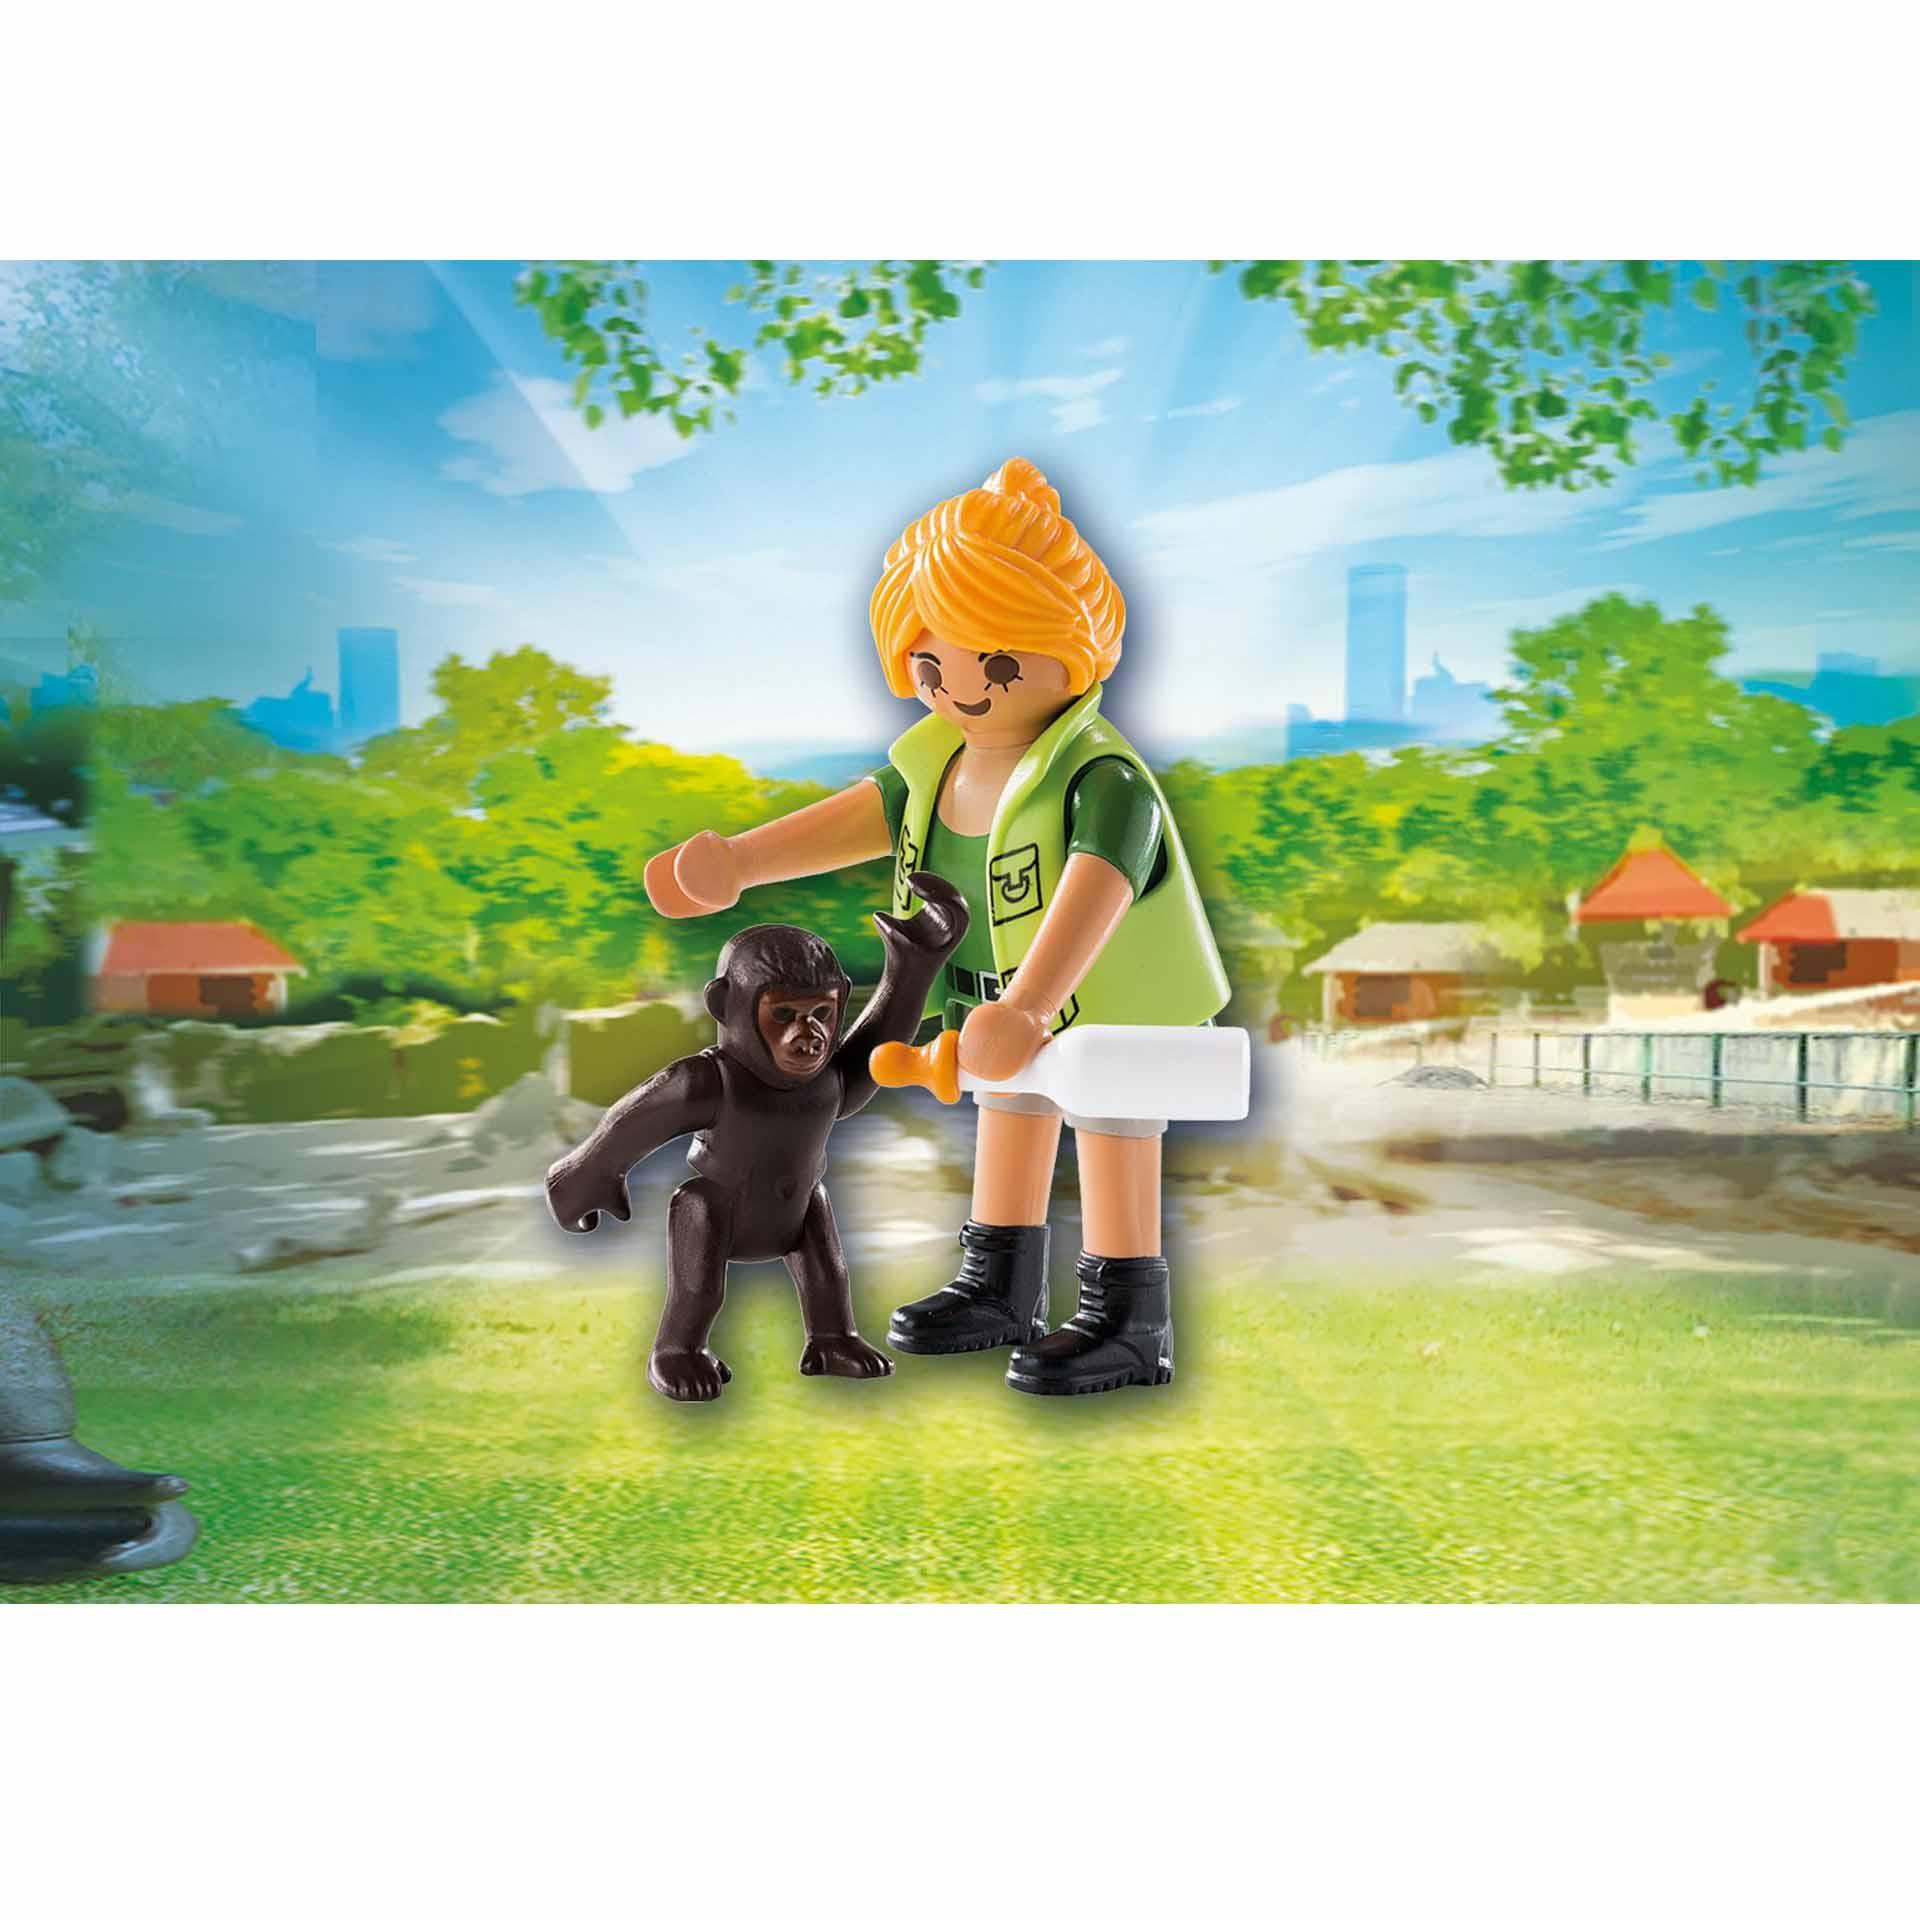 Купить Игровой набор - Смотритель зоопарка с детенышем гориллы, Playmobil